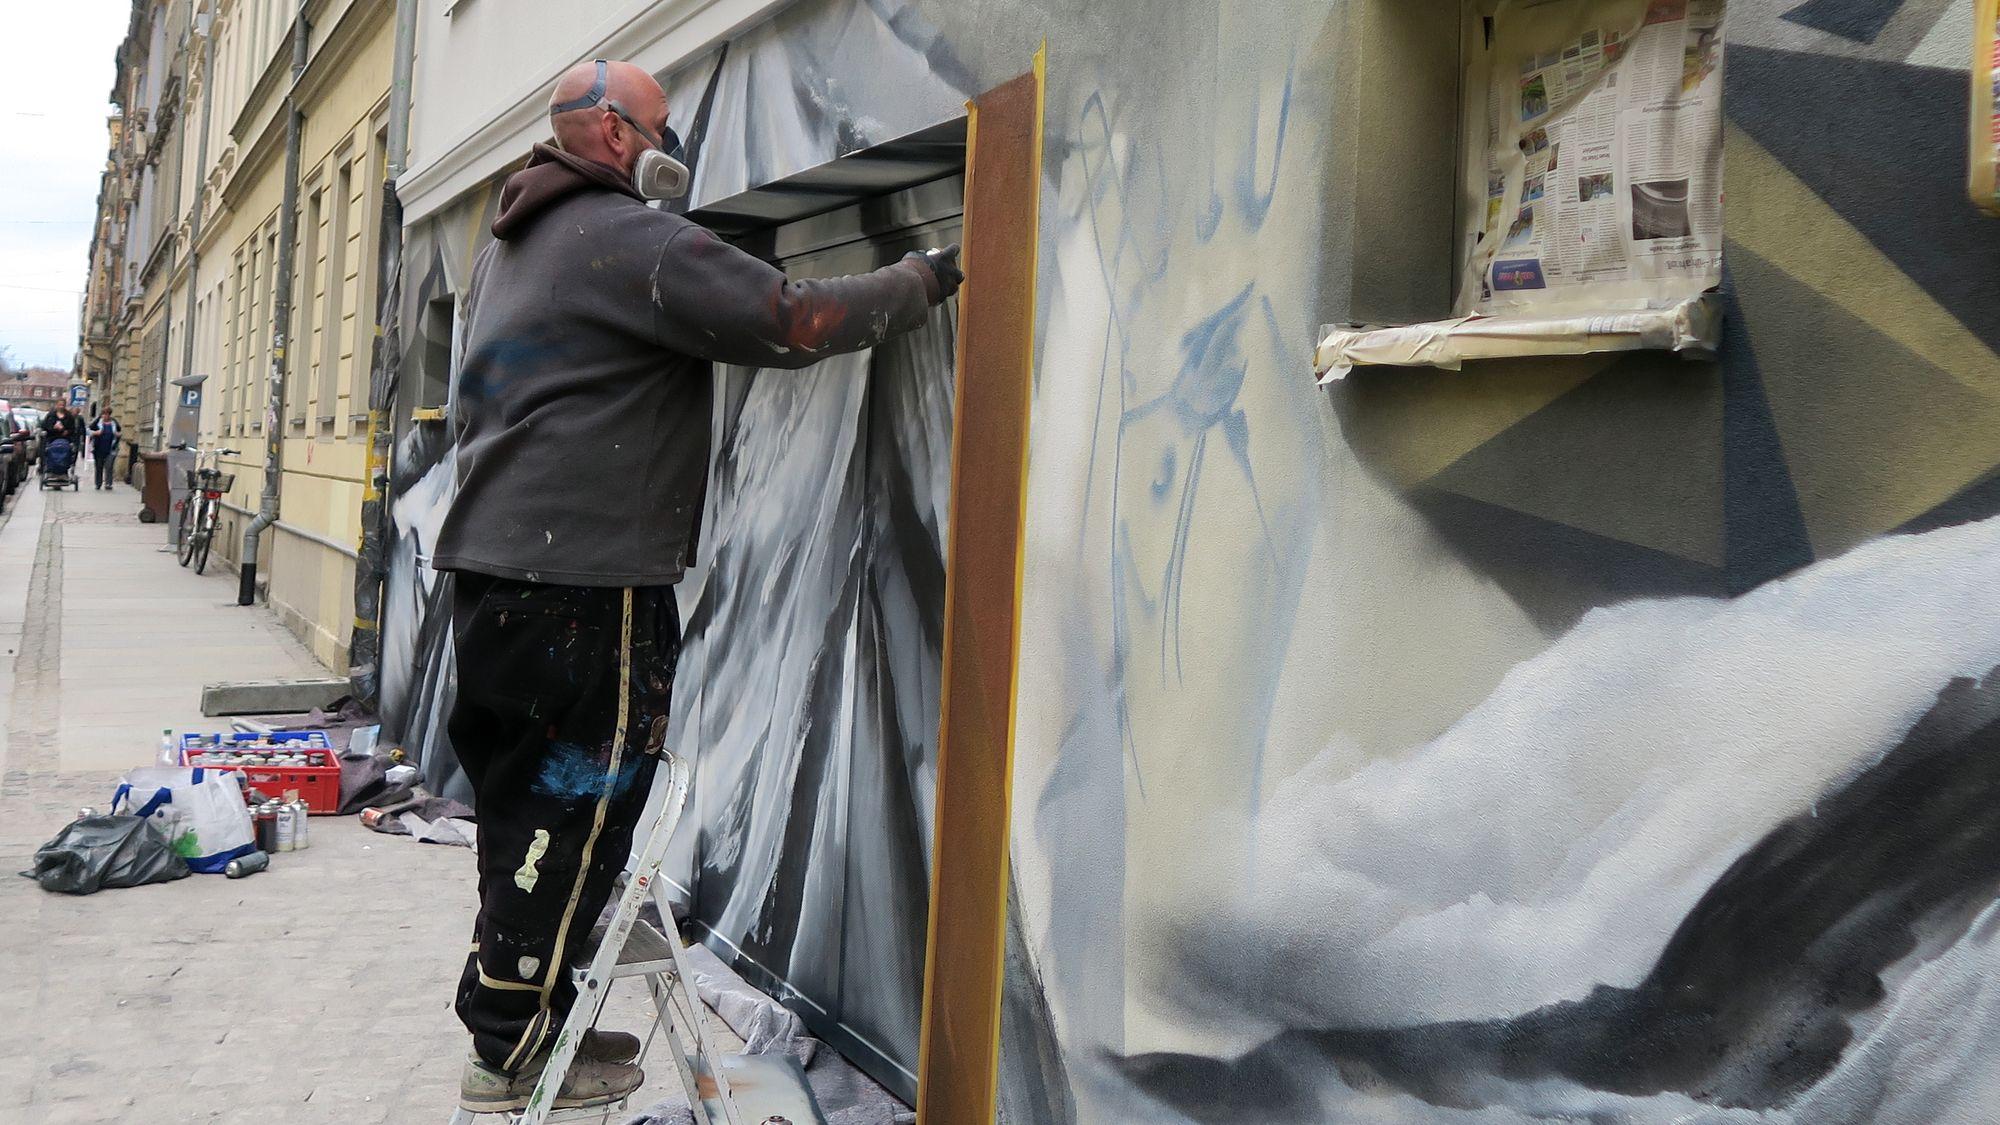 Gipfelmaler Christian Weiße